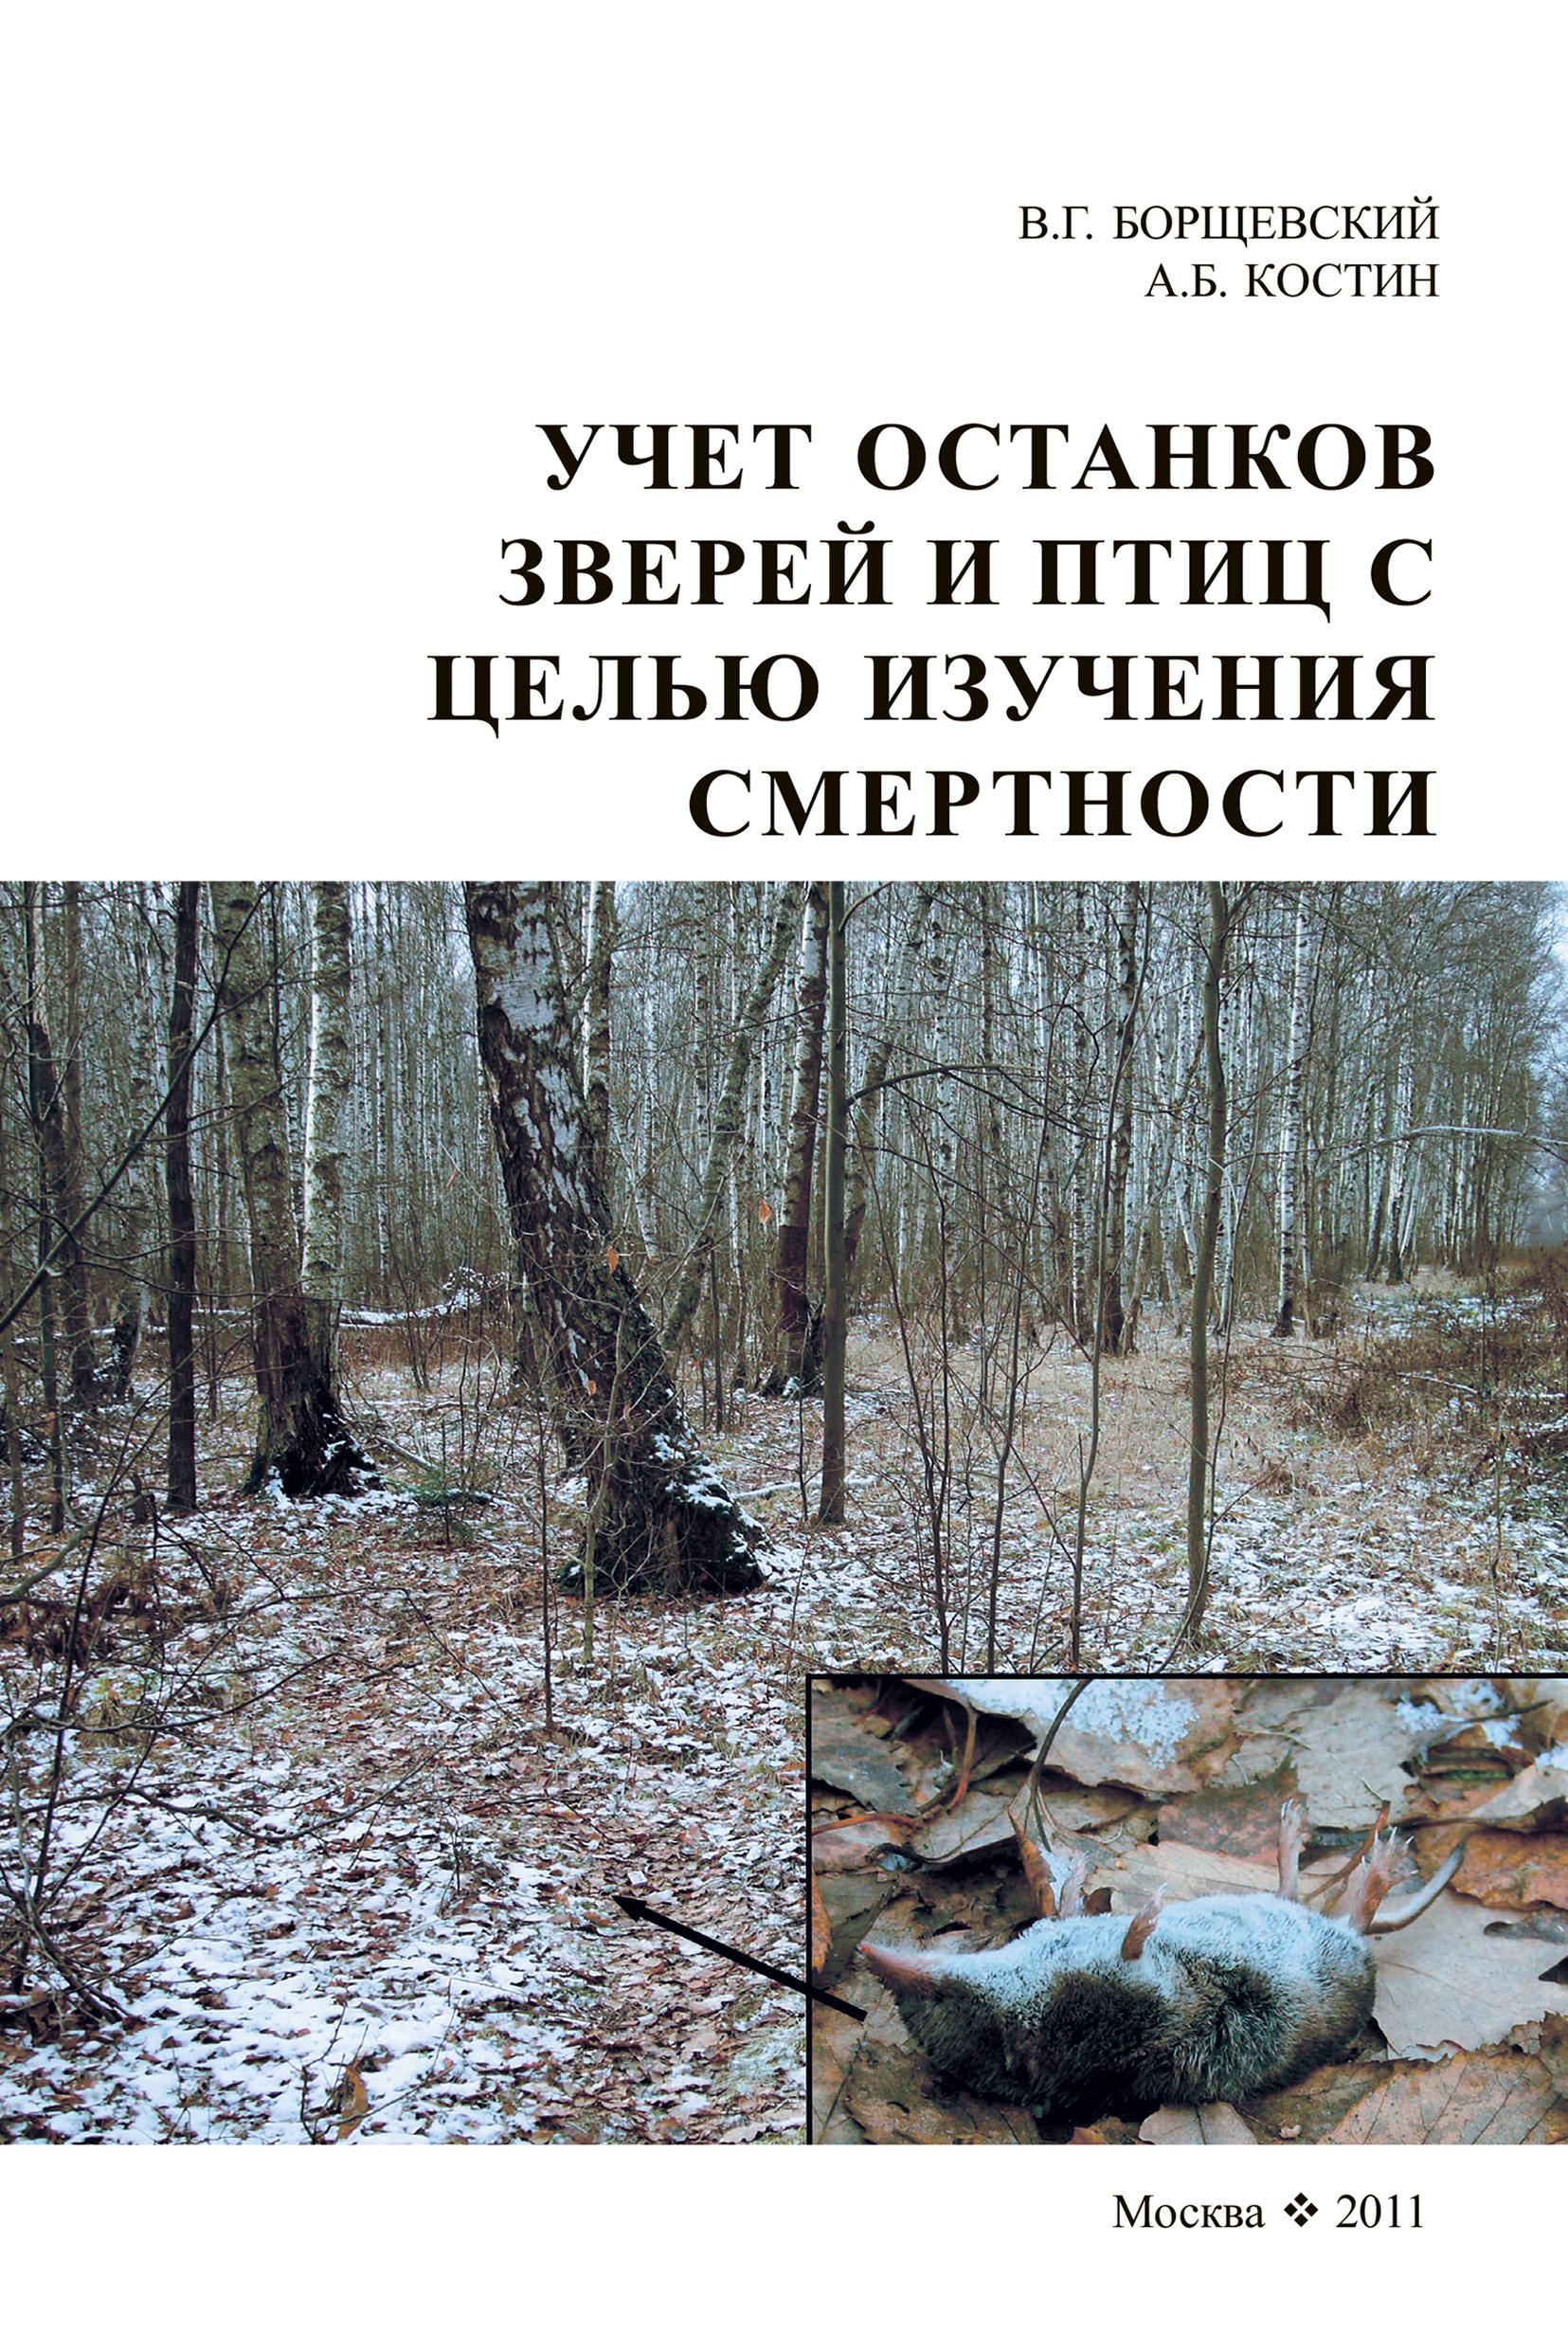 В. Г. Борщевский Учет останков зверей и птиц в целях изучении смертности школа в лесу для птиц и зверей 3 книга третья